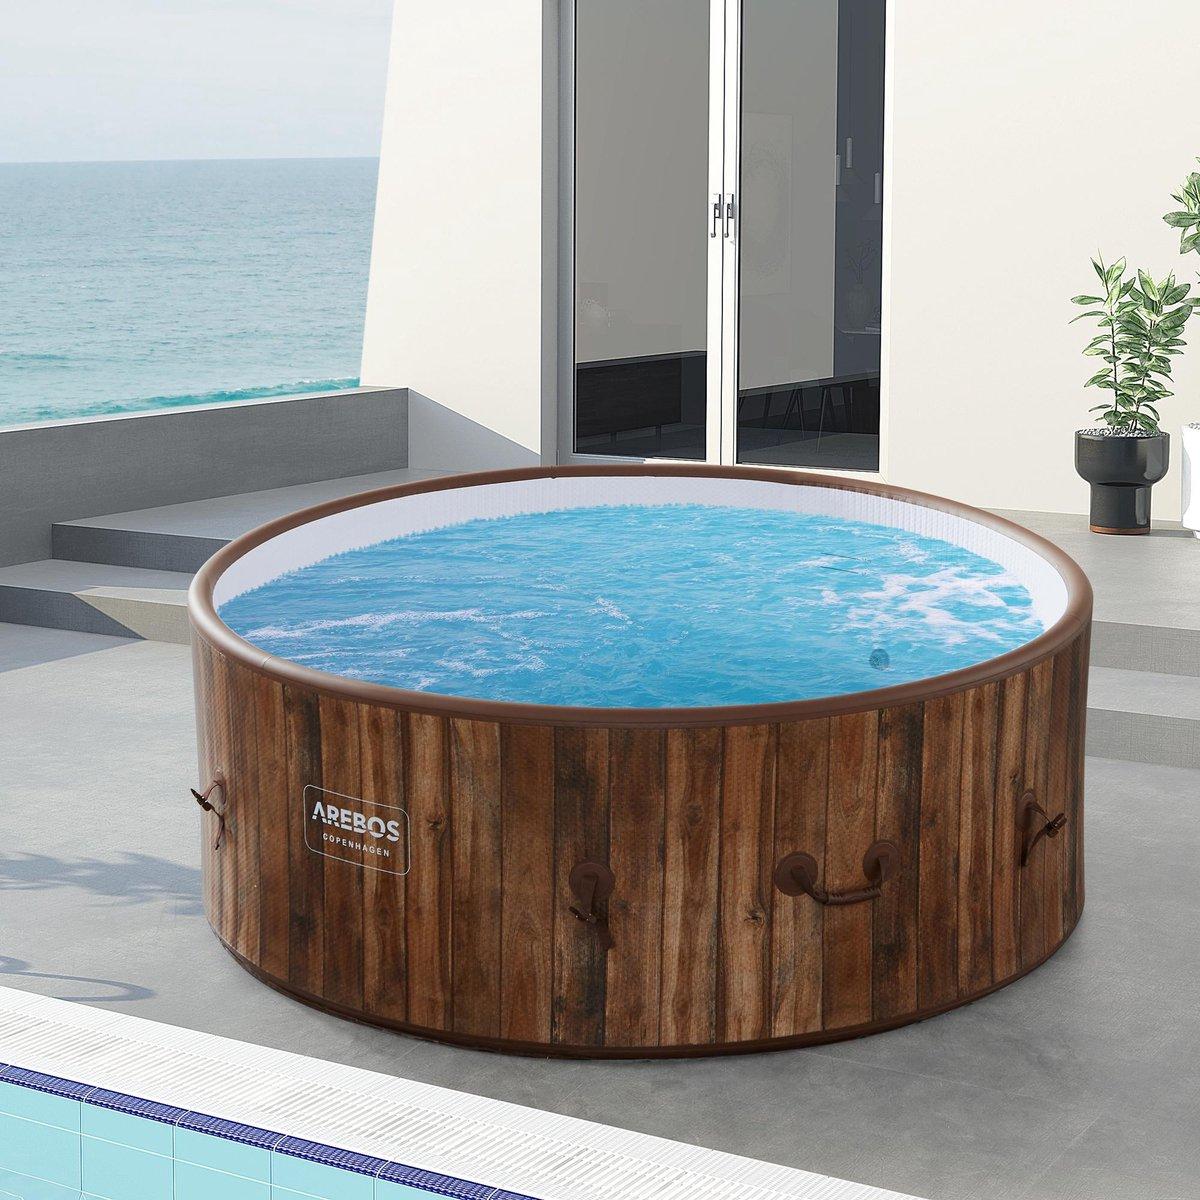 AREBOS Copenhagen In / Outdoor Spa Verwarming van het zwembad Opblaasbare Massage